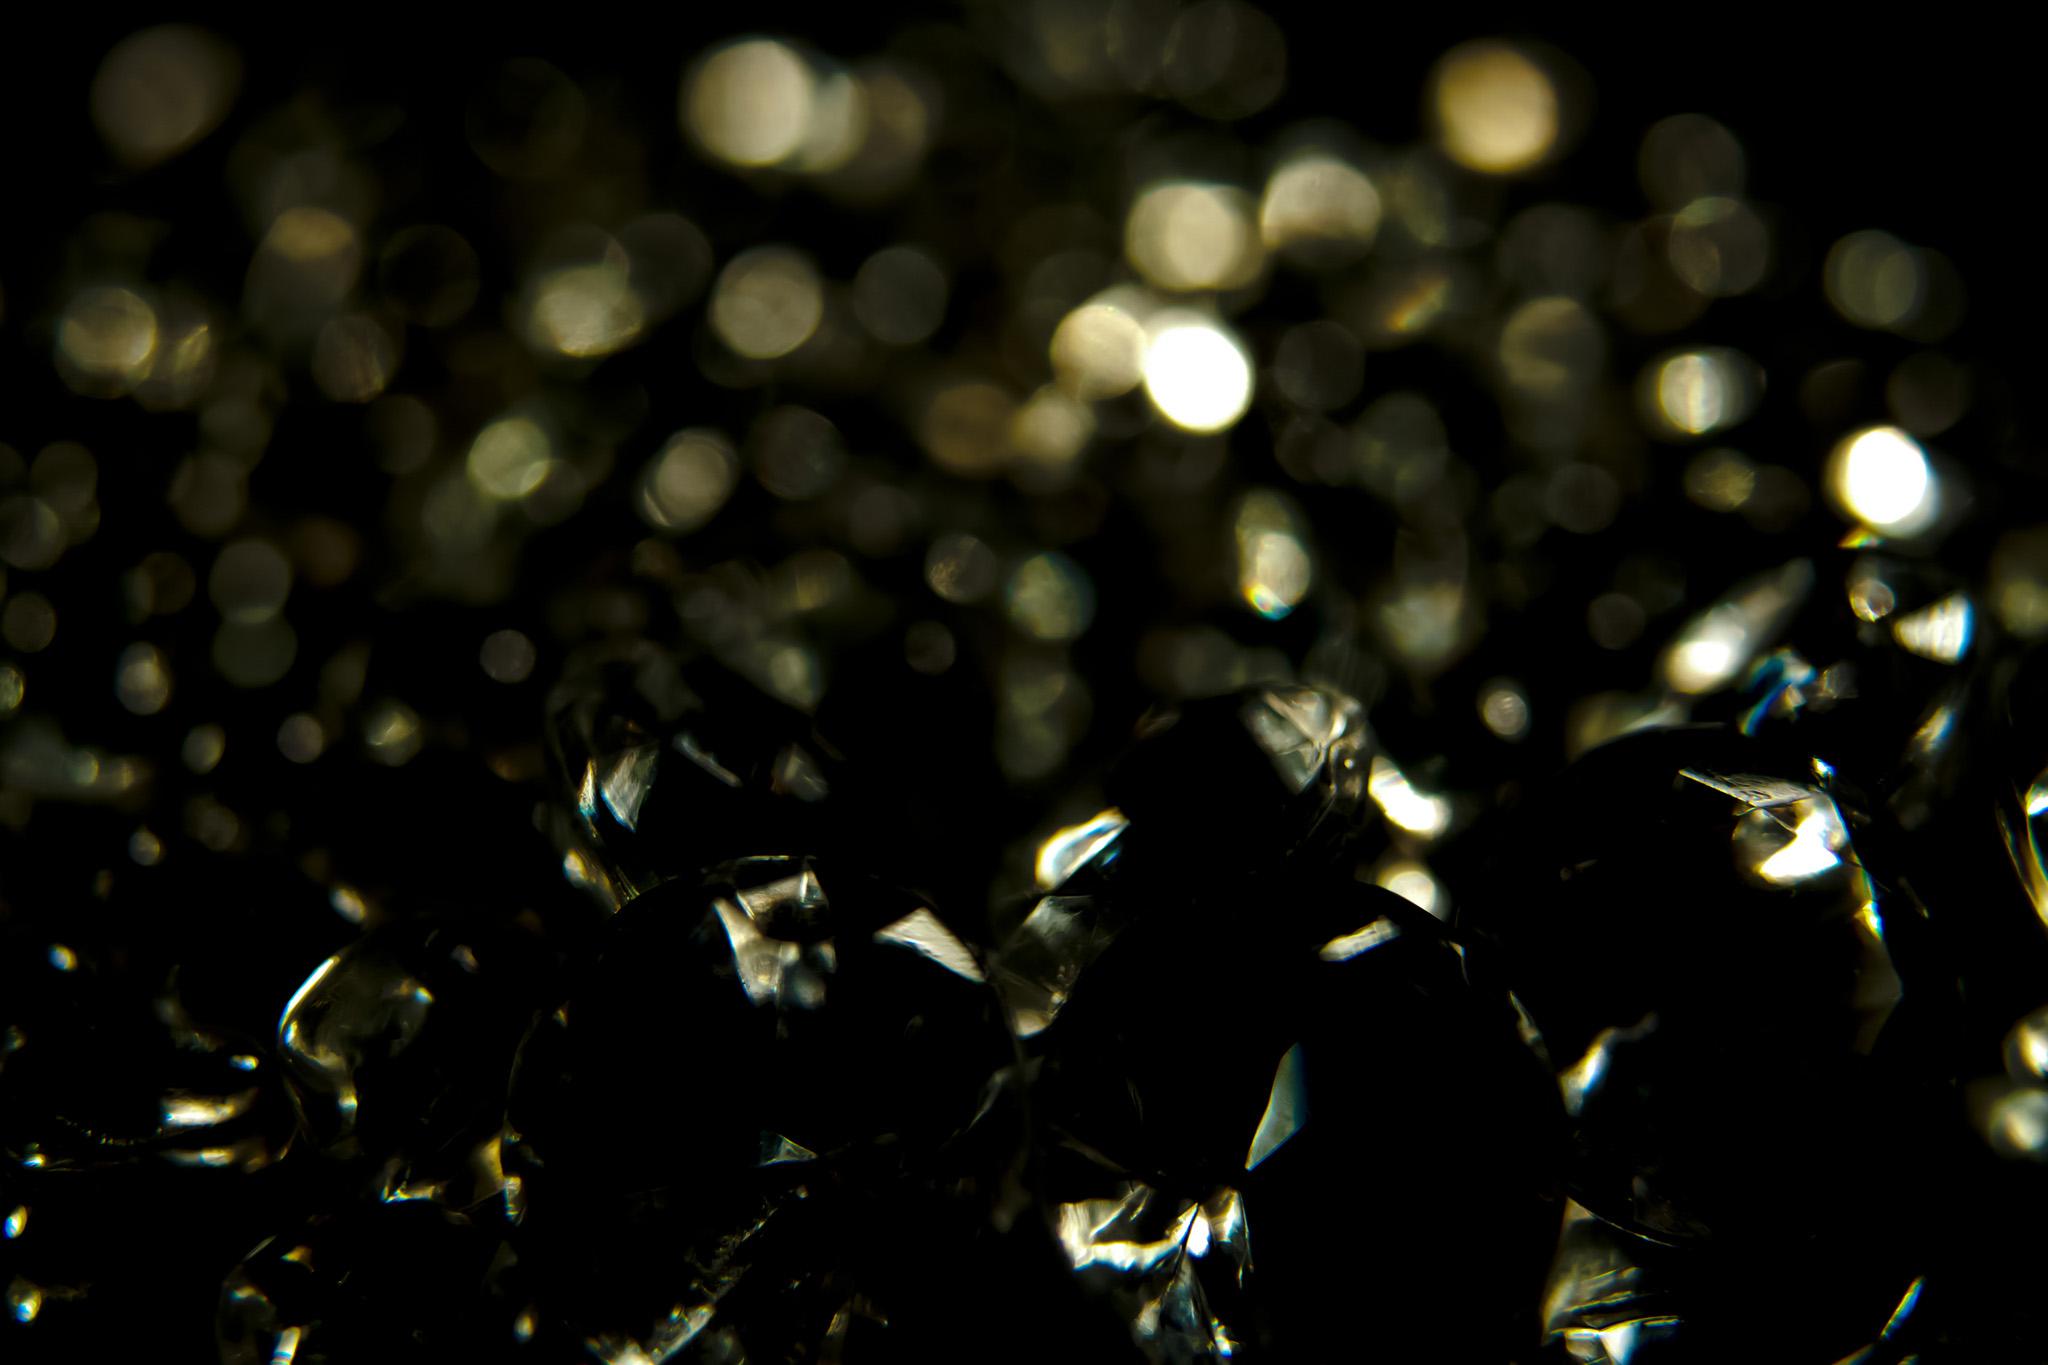 「小さな光と黒背景」